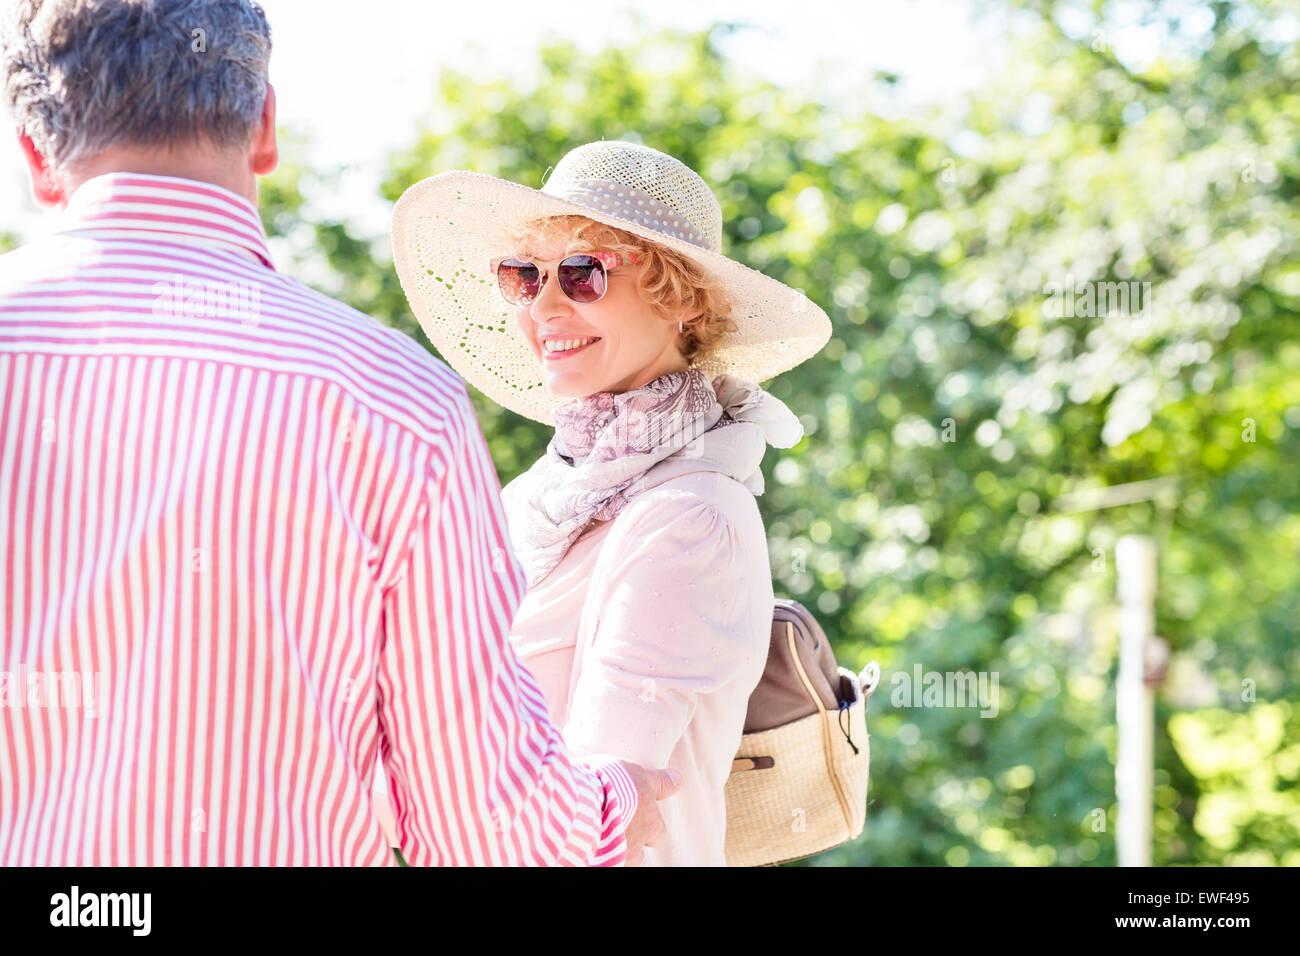 Felice donna di mezza età con uomo in posizione di parcheggio Immagini Stock